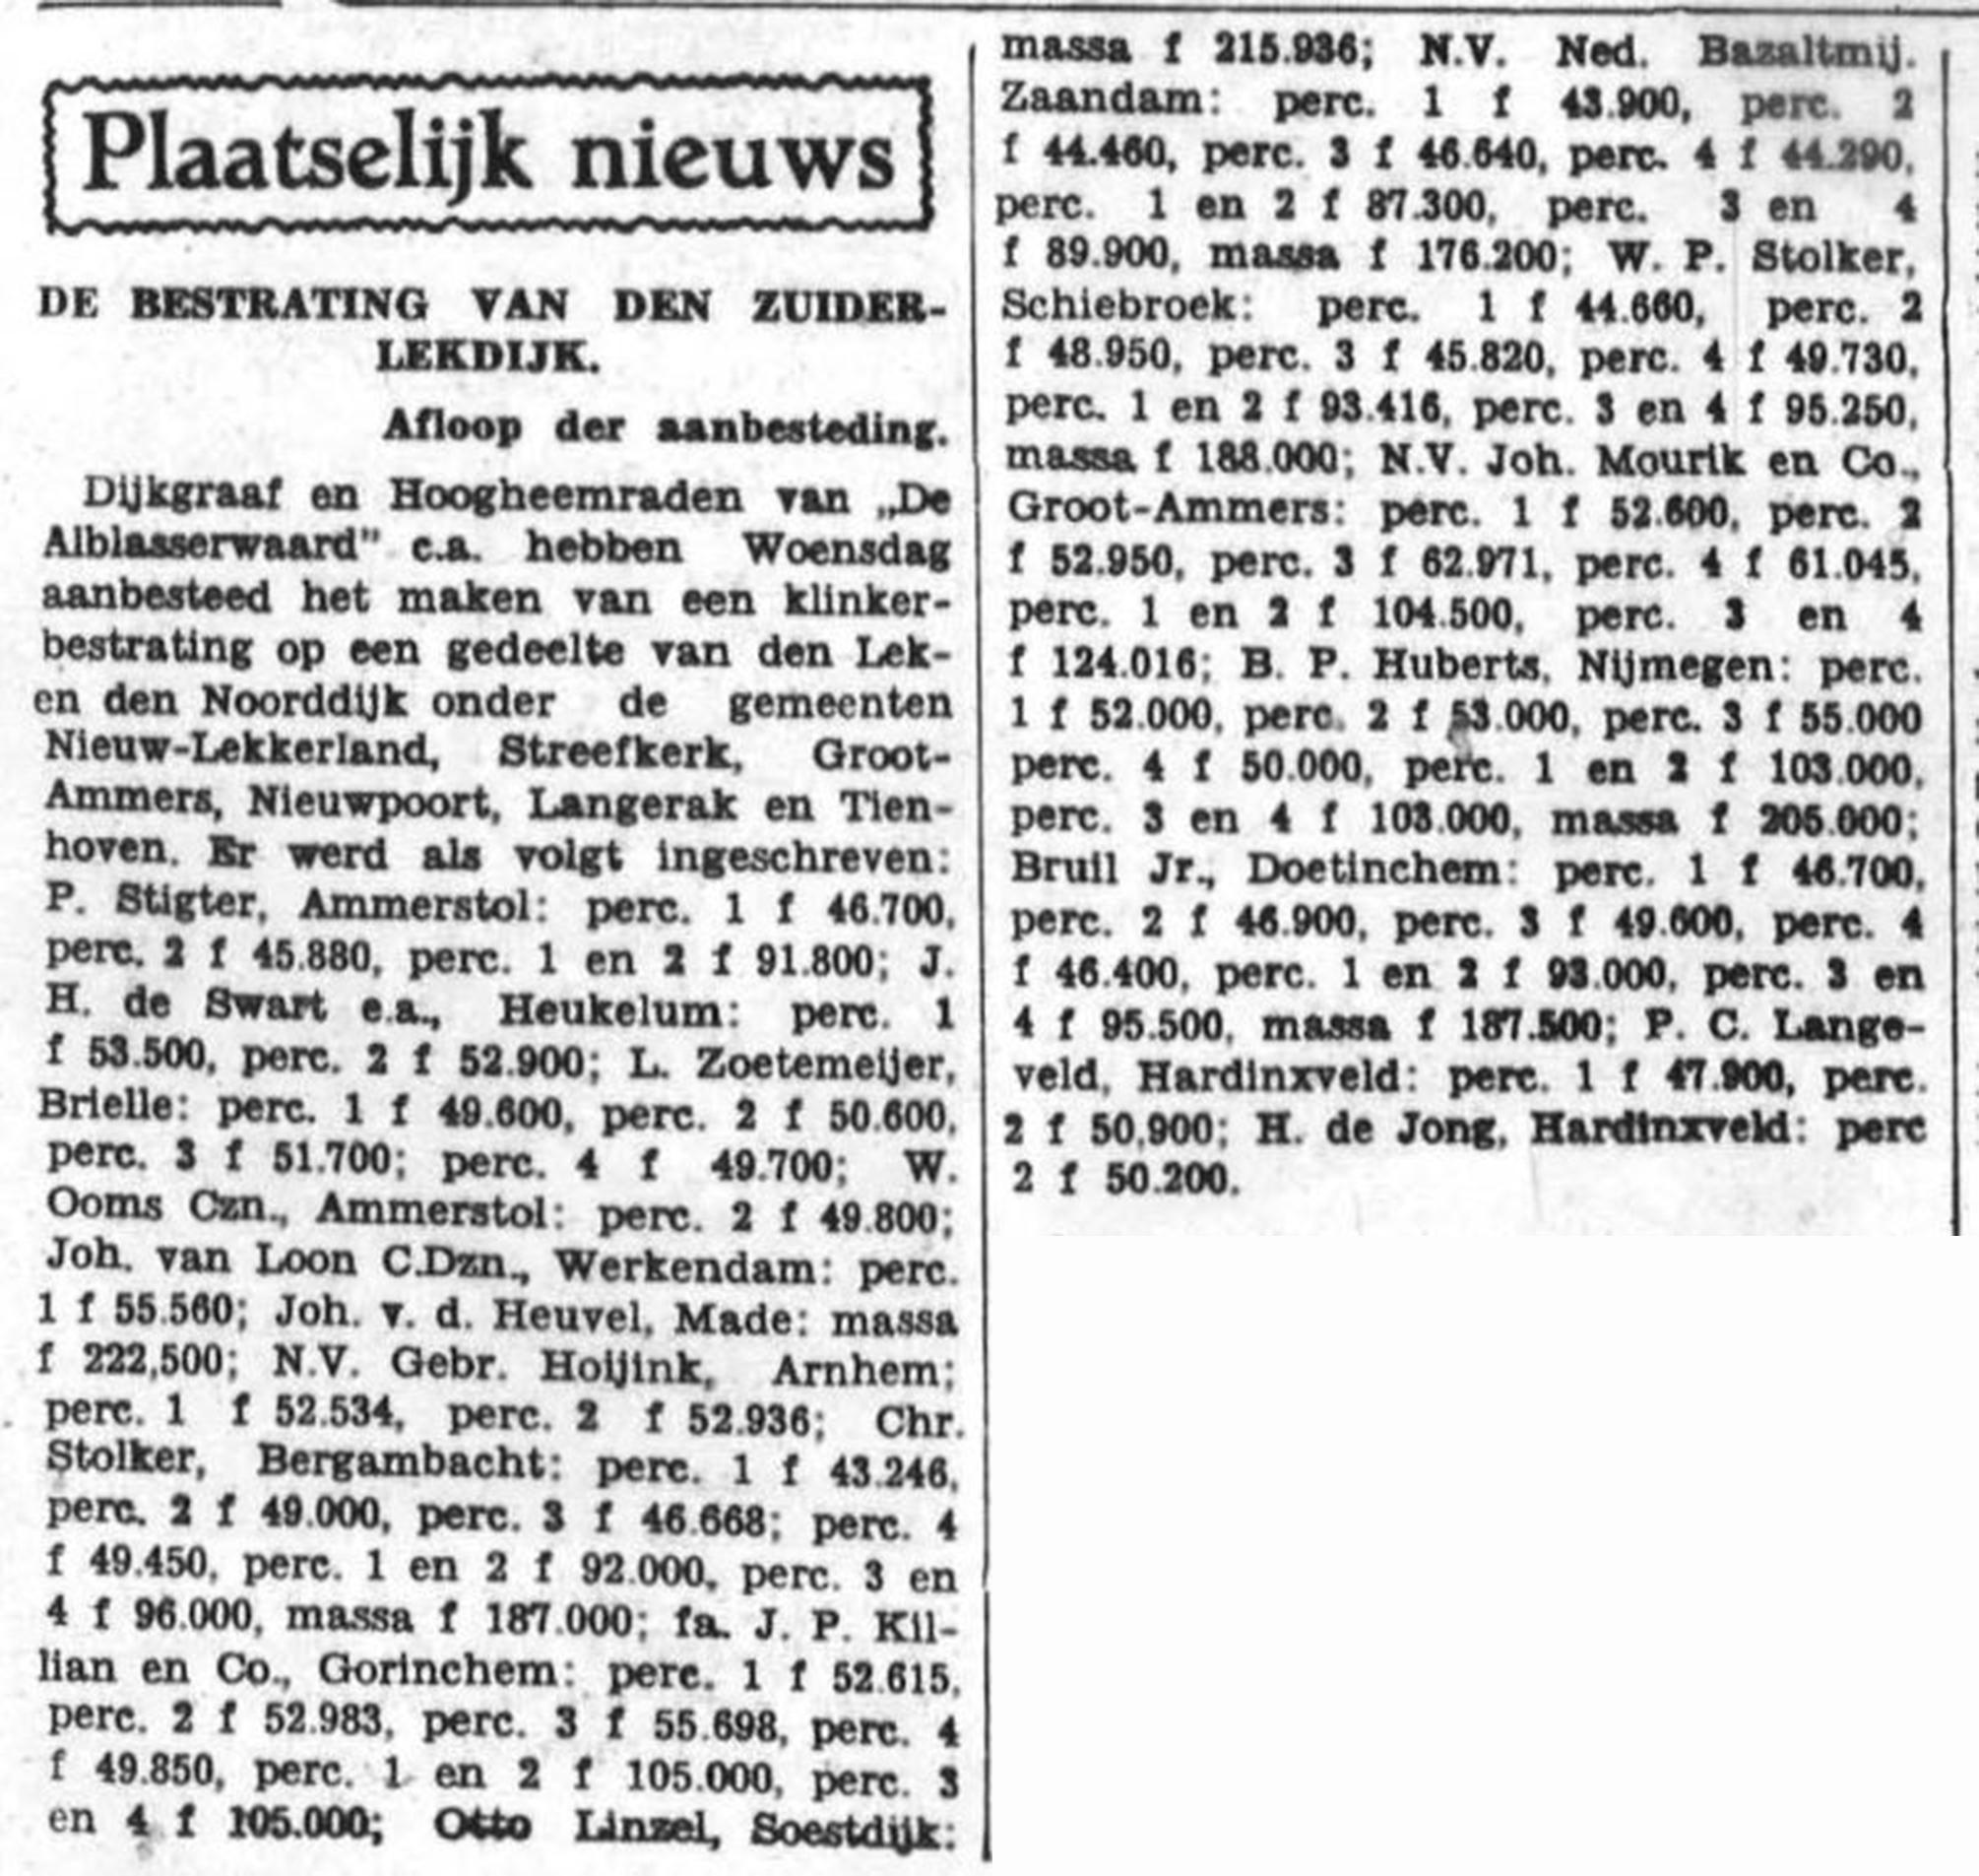 schoonhovensche-courant-06803-1937-04-30-artikel-04